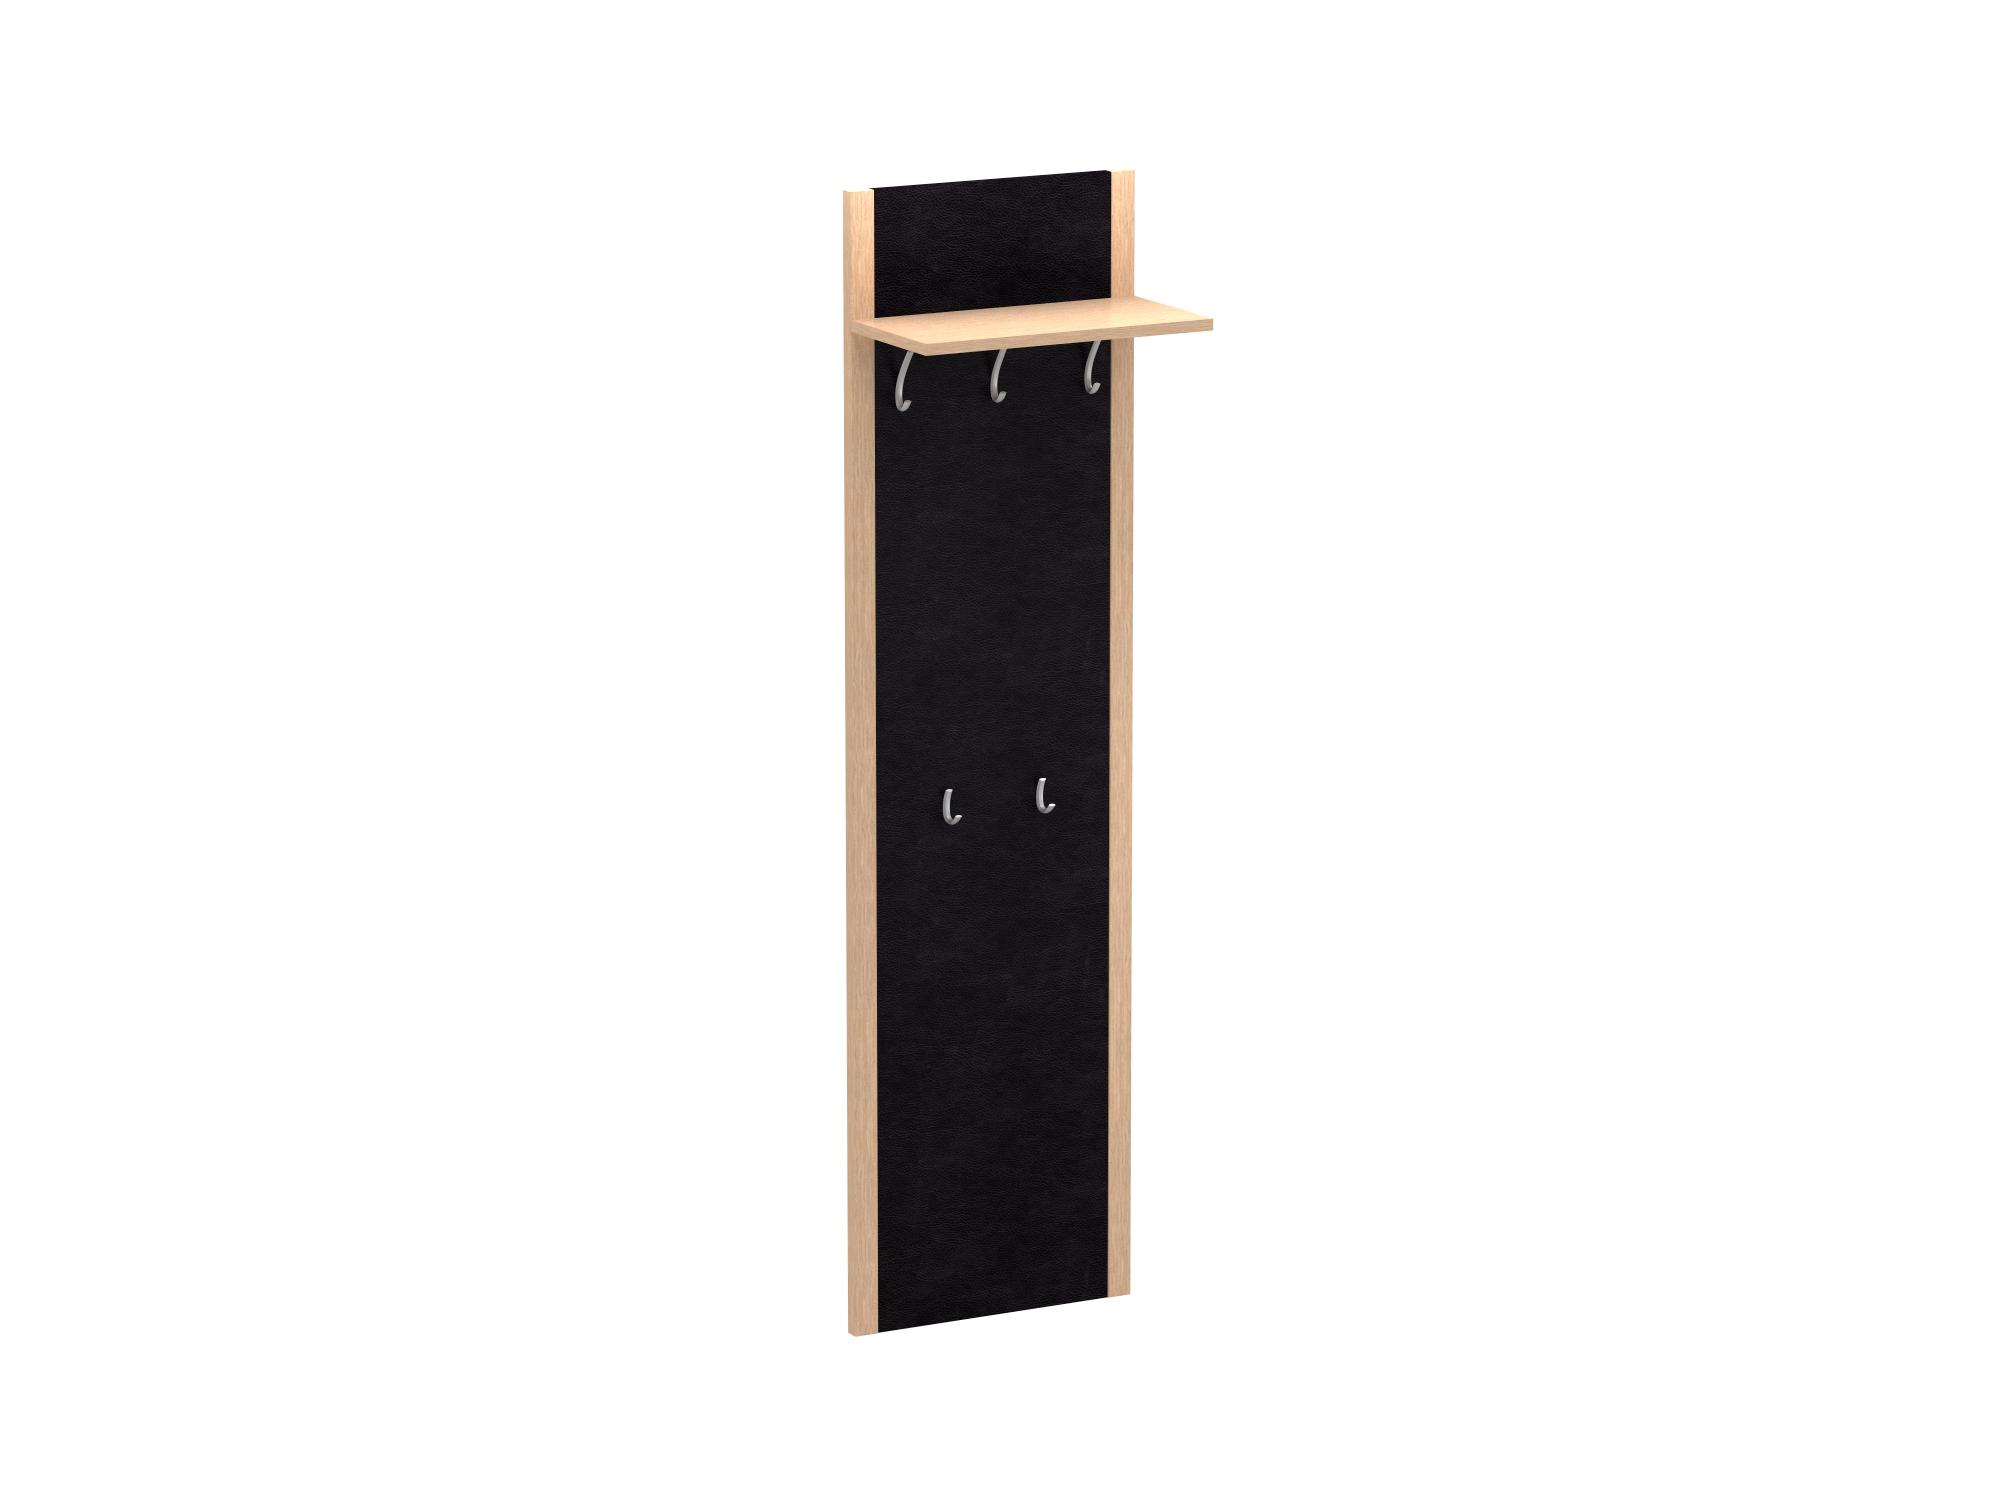 Панель CombiШкафы и вешалки<br>Панель настенная с полкой и 5 крючками для одежды. Панель декорирована вставкой из экокожи. На панели имеются отверстия для дополнительной установки подставок для обуви. Можно установить одну или две подставки.<br>